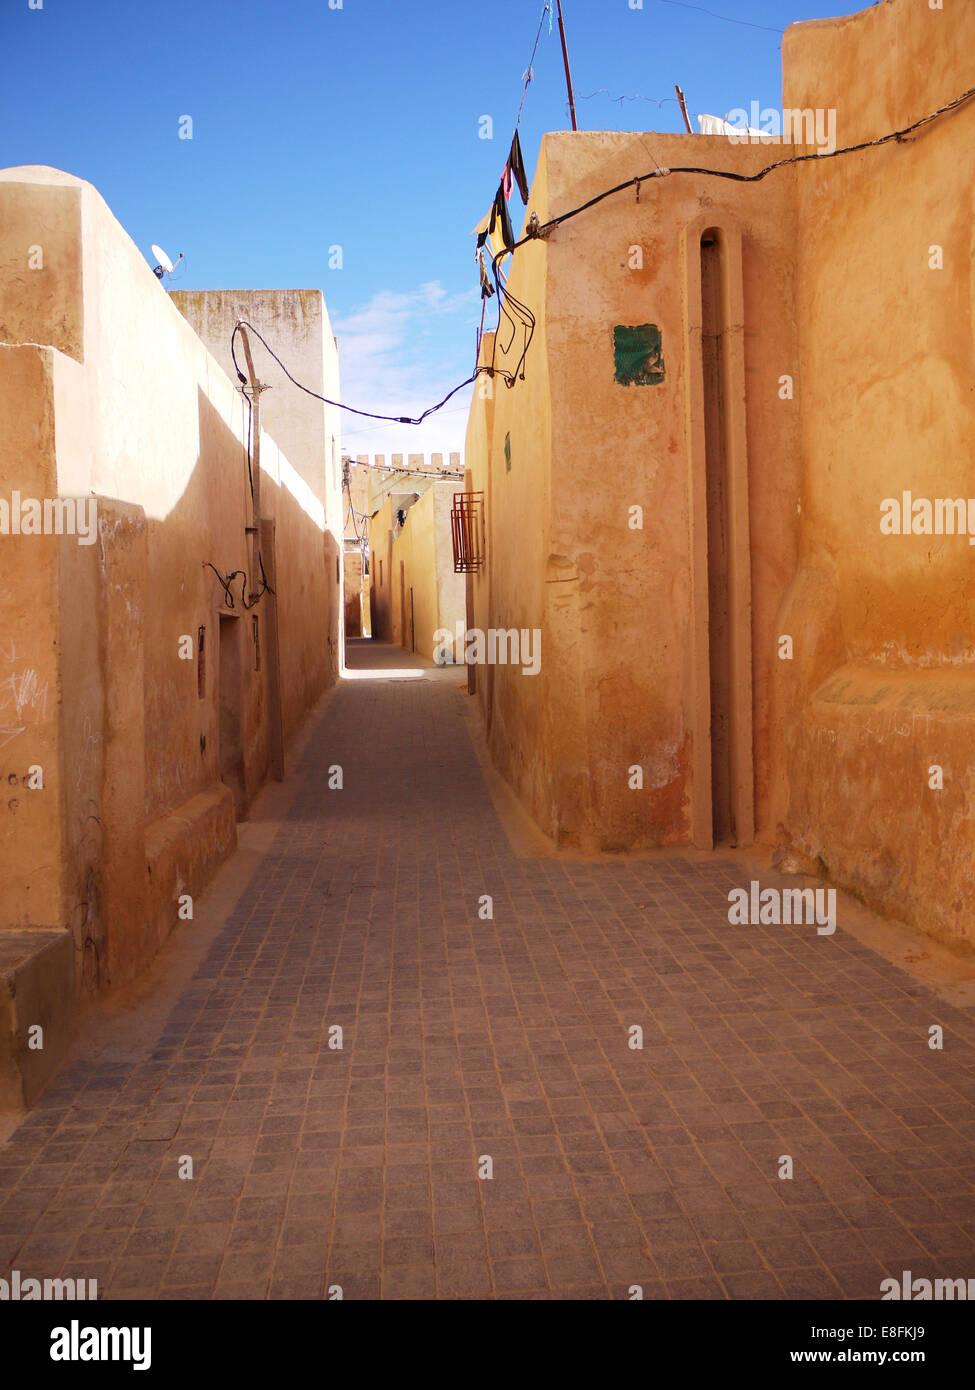 Vicolo di vuoti tra gli edifici, Marocco Immagini Stock